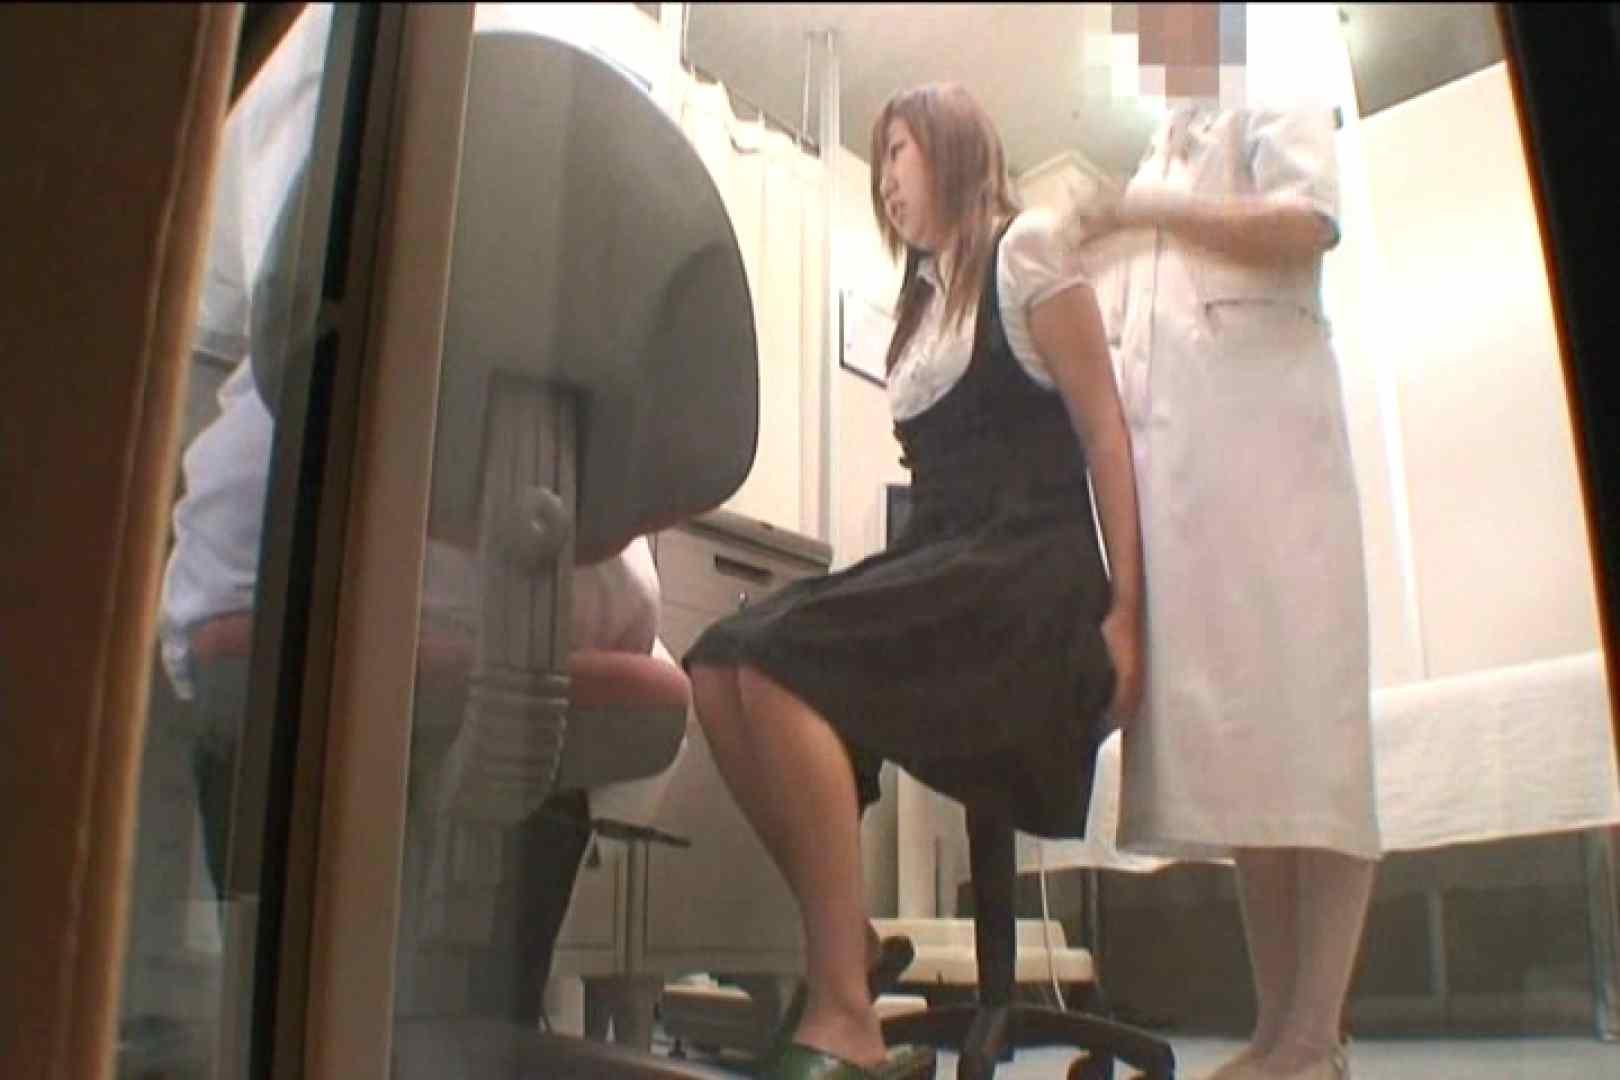 患者のおまんこをコレクションする変態医師の流出映像Vol.1 おまんこ無修正 | OLの実態  47pic 3